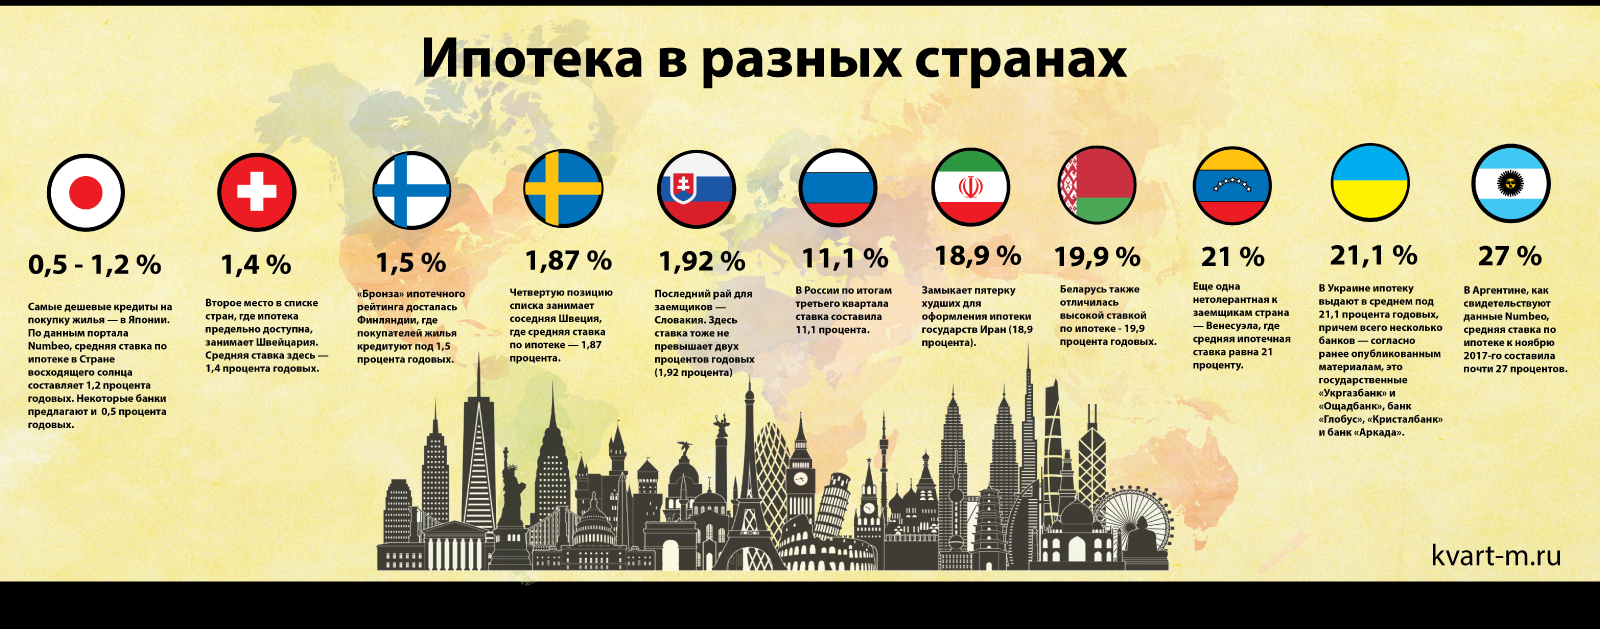 банк новокиб новокузнецк кредит наличными